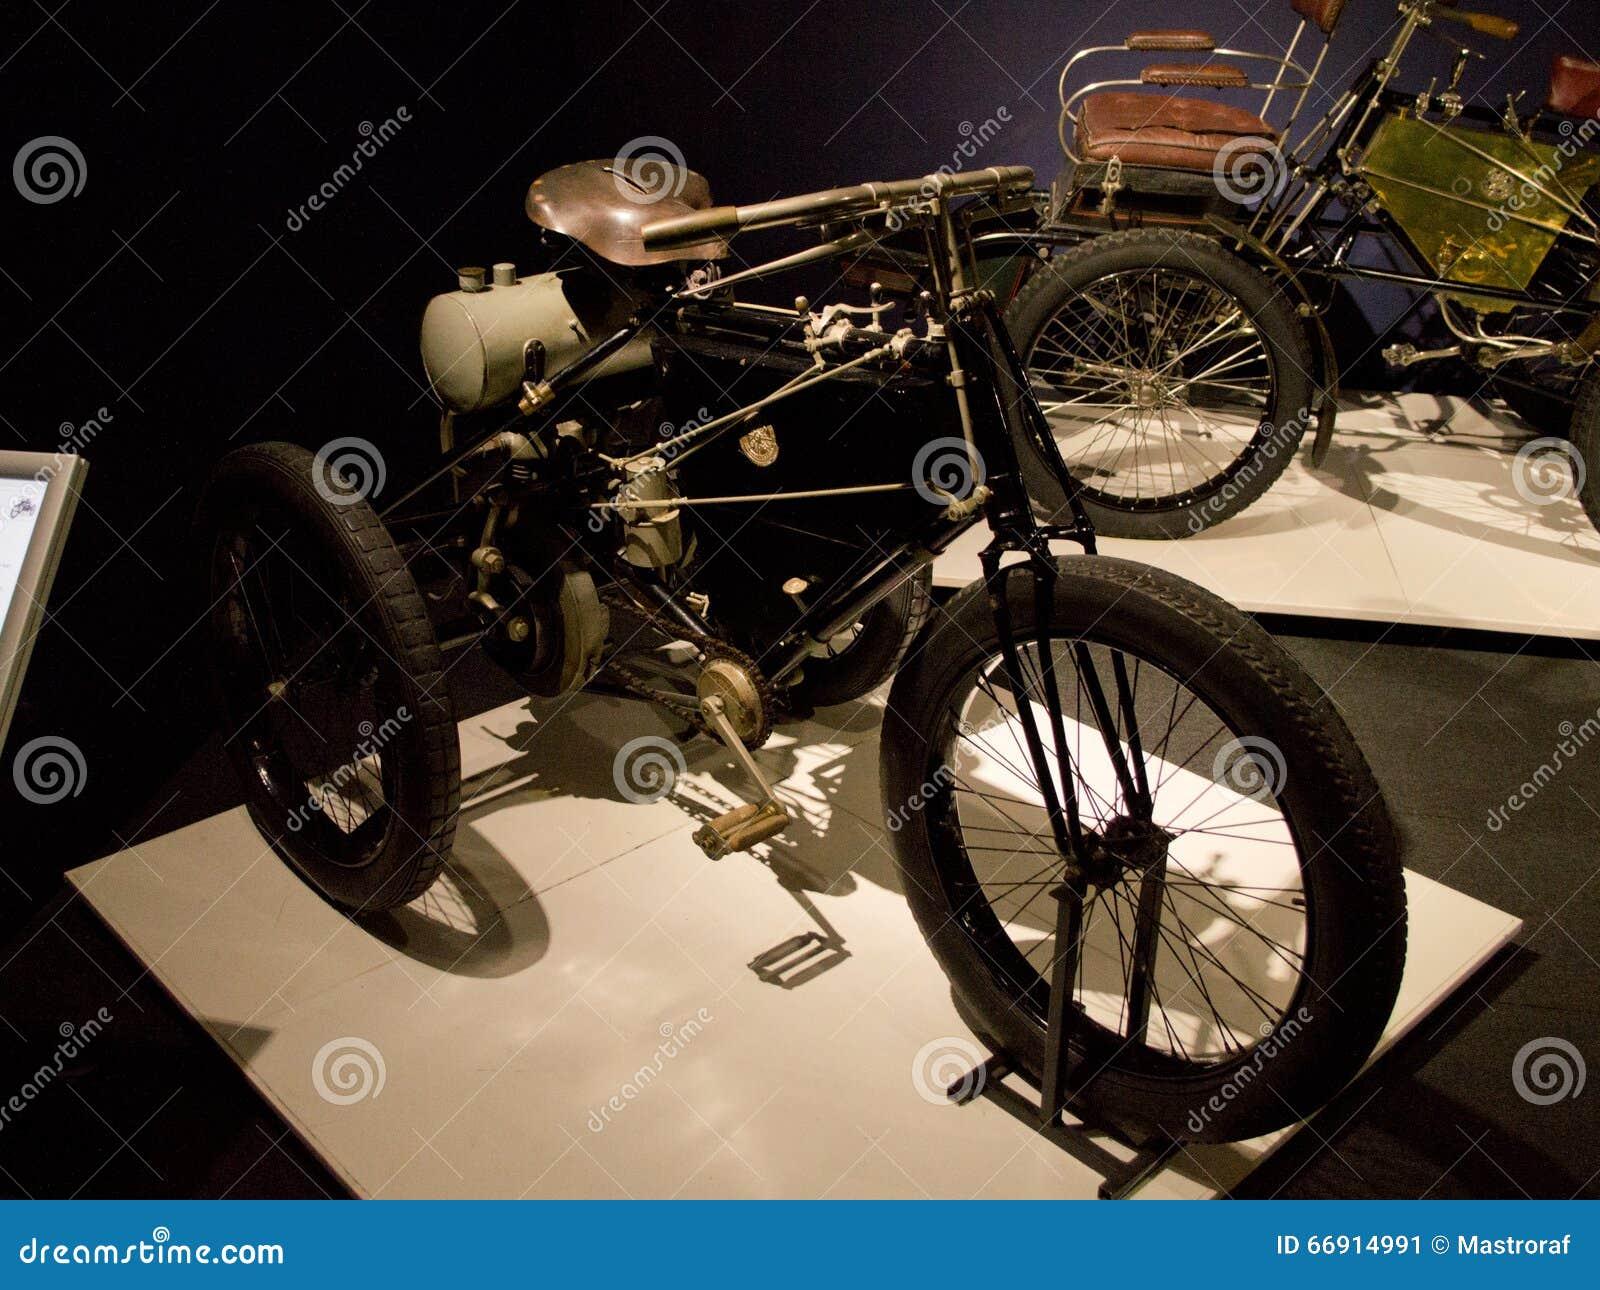 De Dion Bouton Tricycle en el museo de Louwman